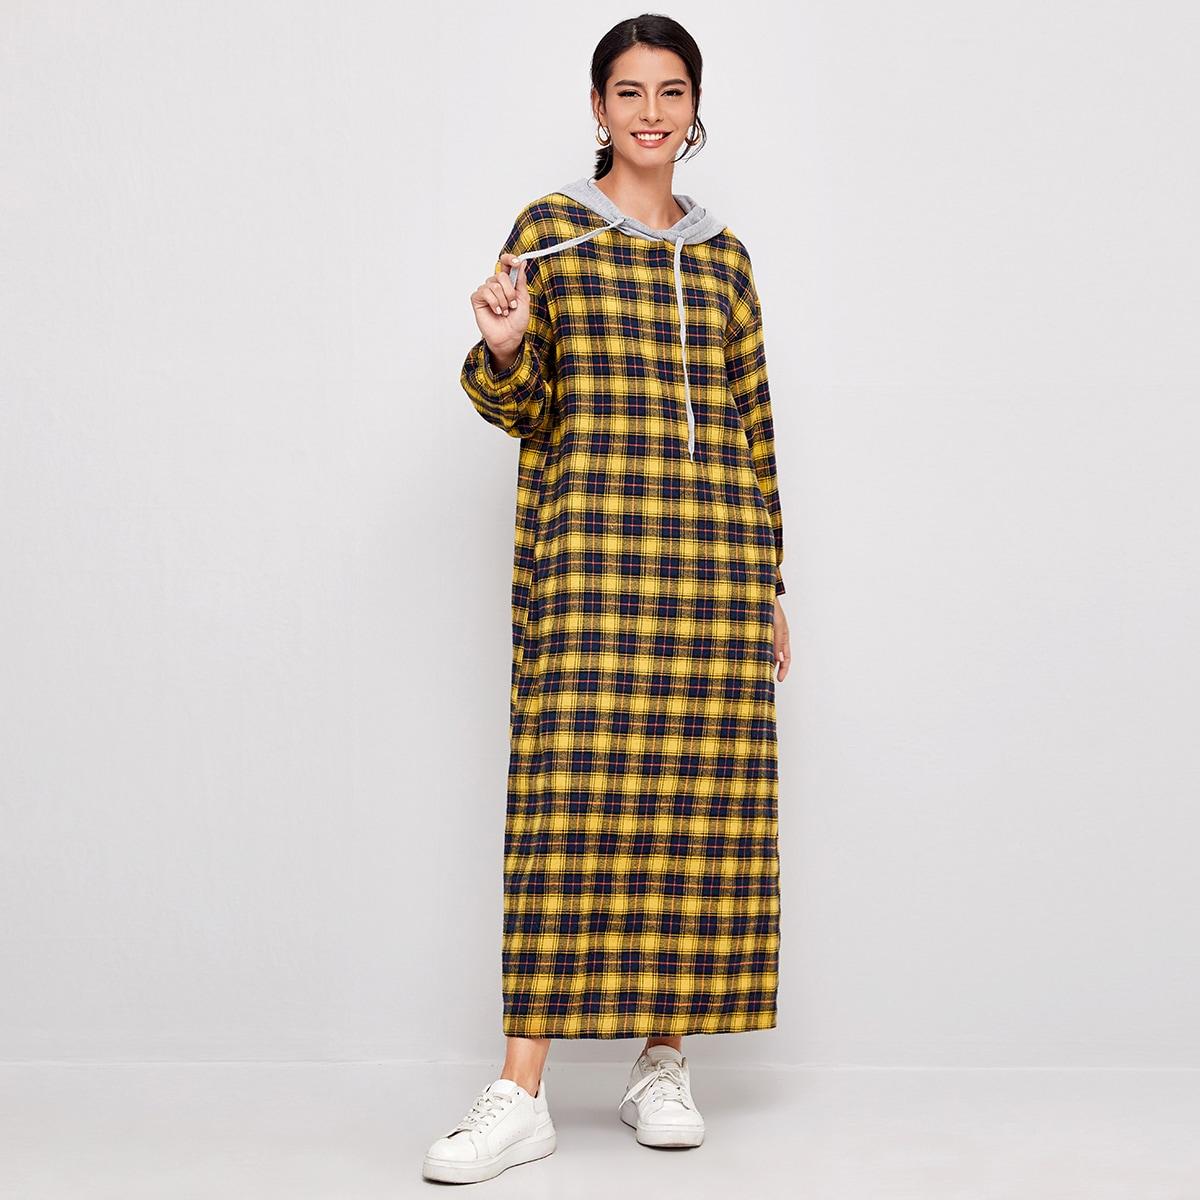 Платье на кулиске с капюшоном в клетку